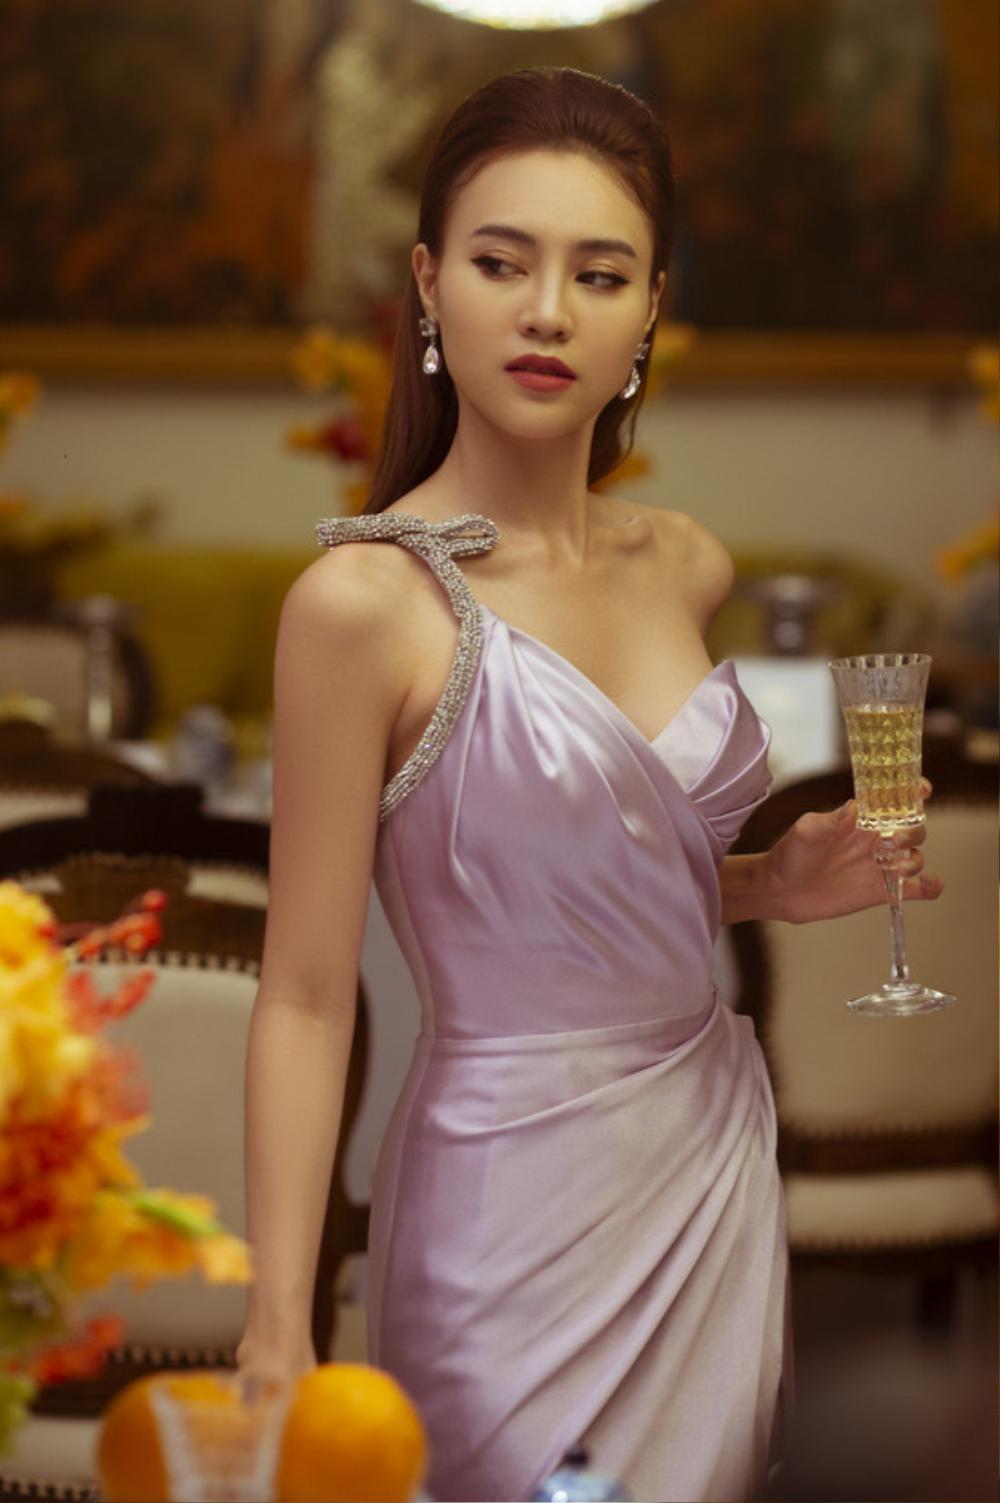 Đề cử 'Ngôi sao xanh 2020': Ninh Dương Lan Ngọc cạnh tranh Chi Pu, Thanh Hằng giải Nữ diễn viên xuất sắc Ảnh 12